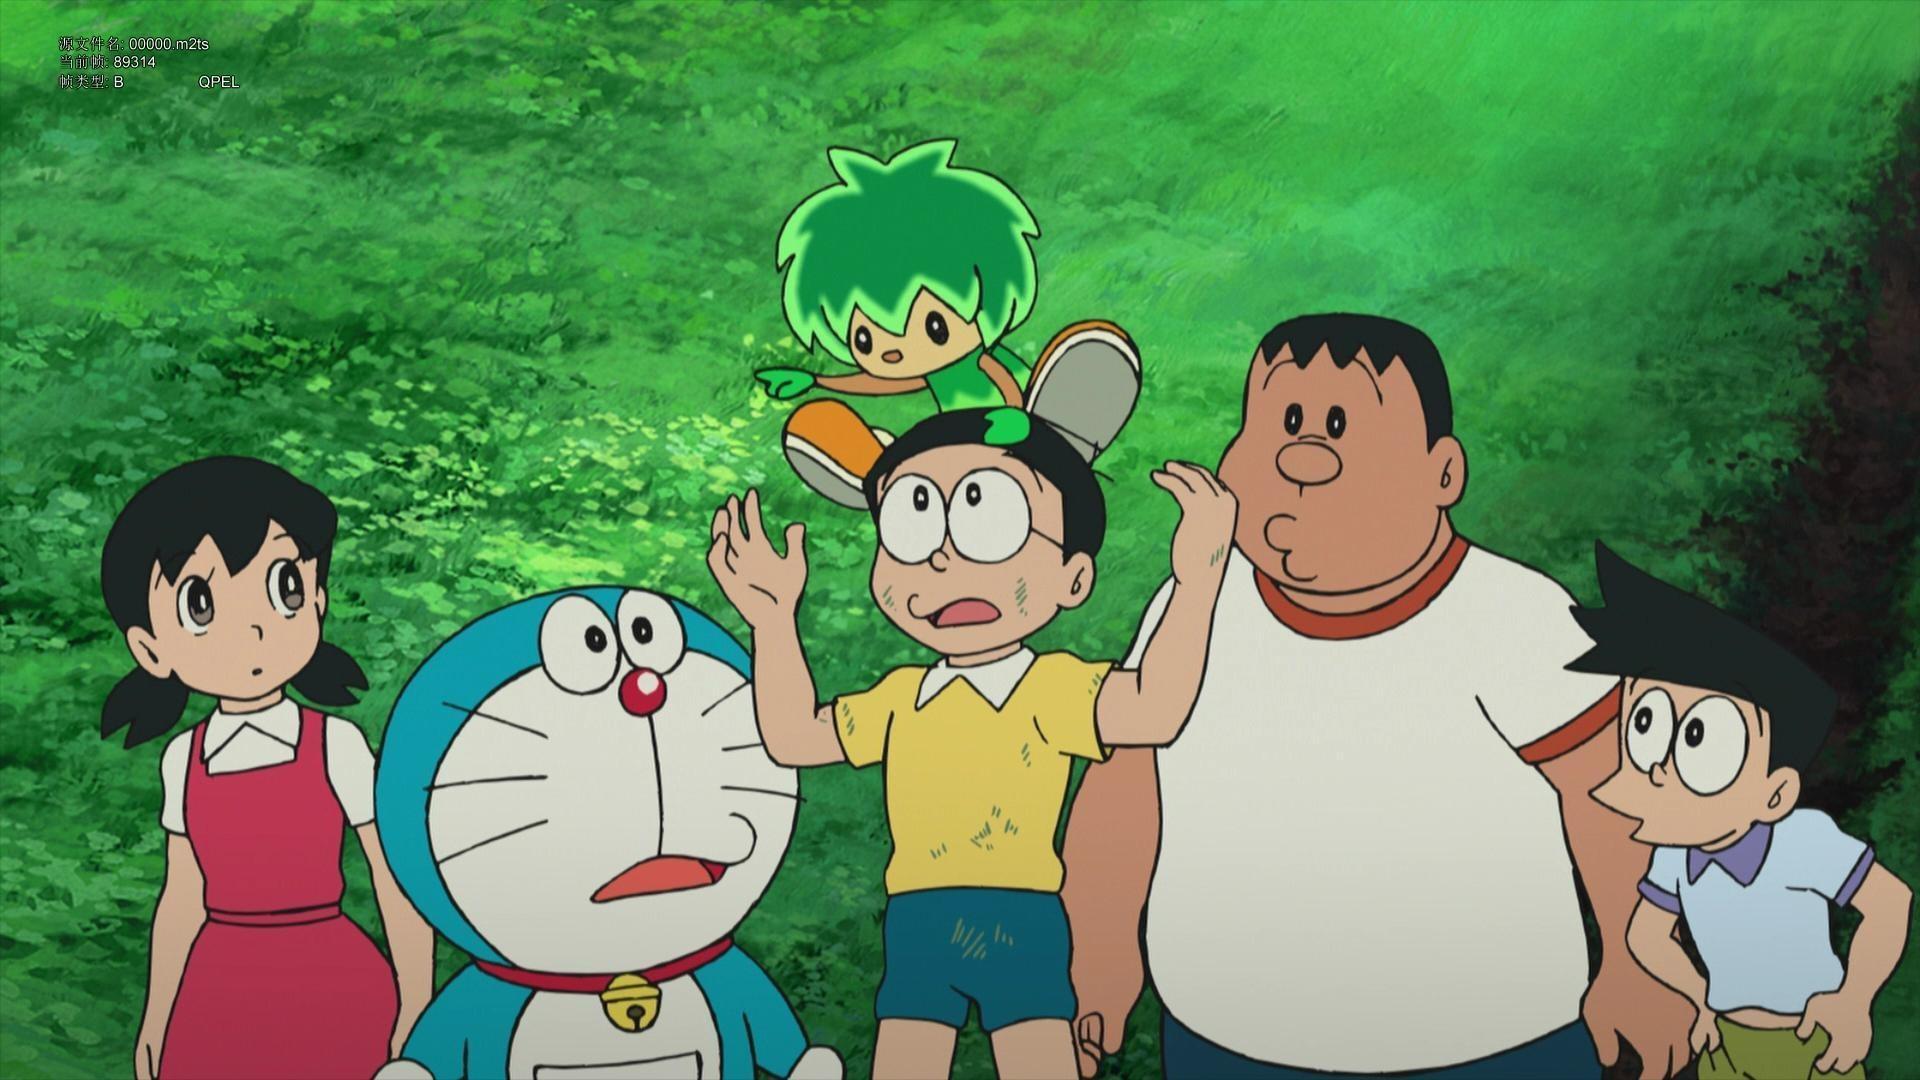 Doraemon 3D Wallpaper 2018 (69+ images)